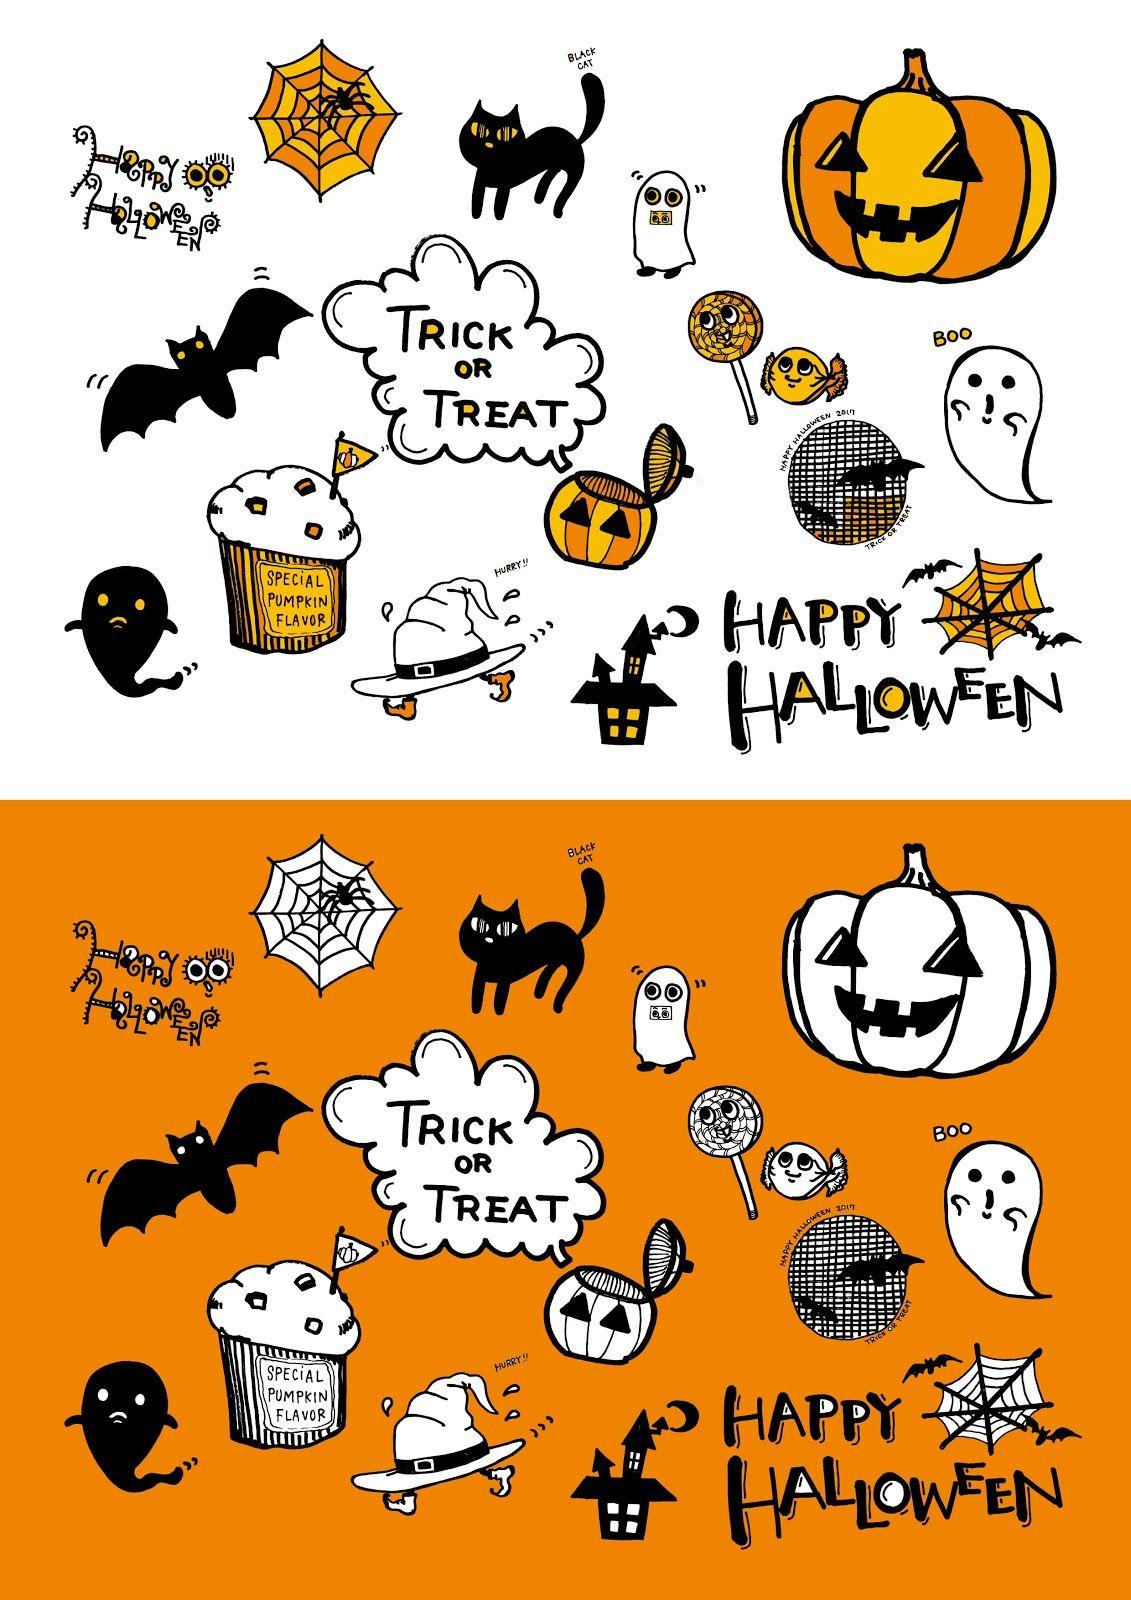 halloween illustration hand drawn : かわいいハロウィンおしゃれな